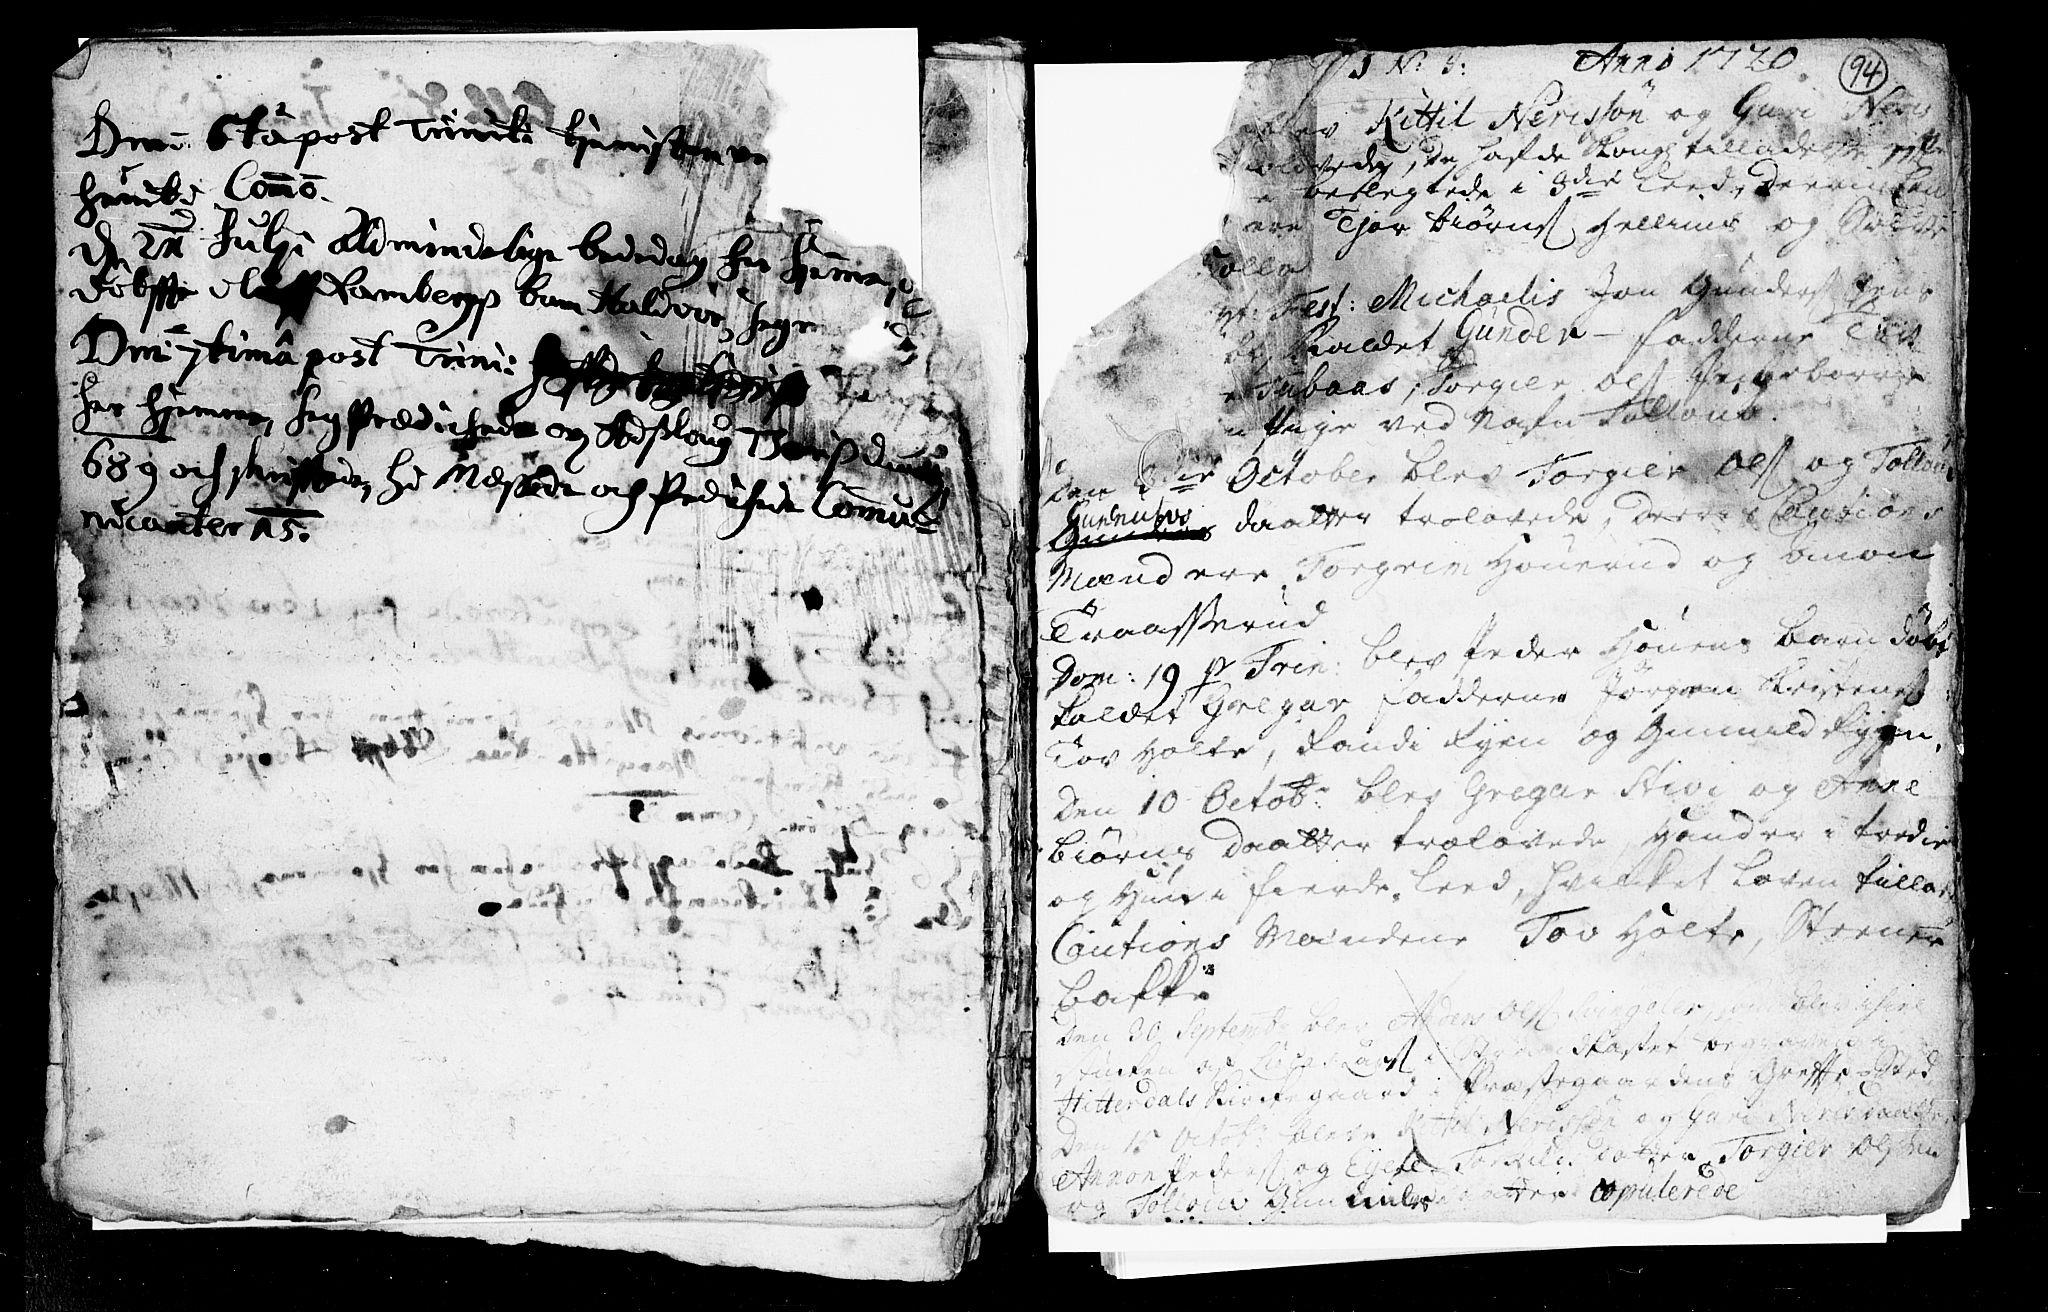 SAKO, Heddal kirkebøker, F/Fa/L0002: Ministerialbok nr. I 2, 1699-1722, s. 94